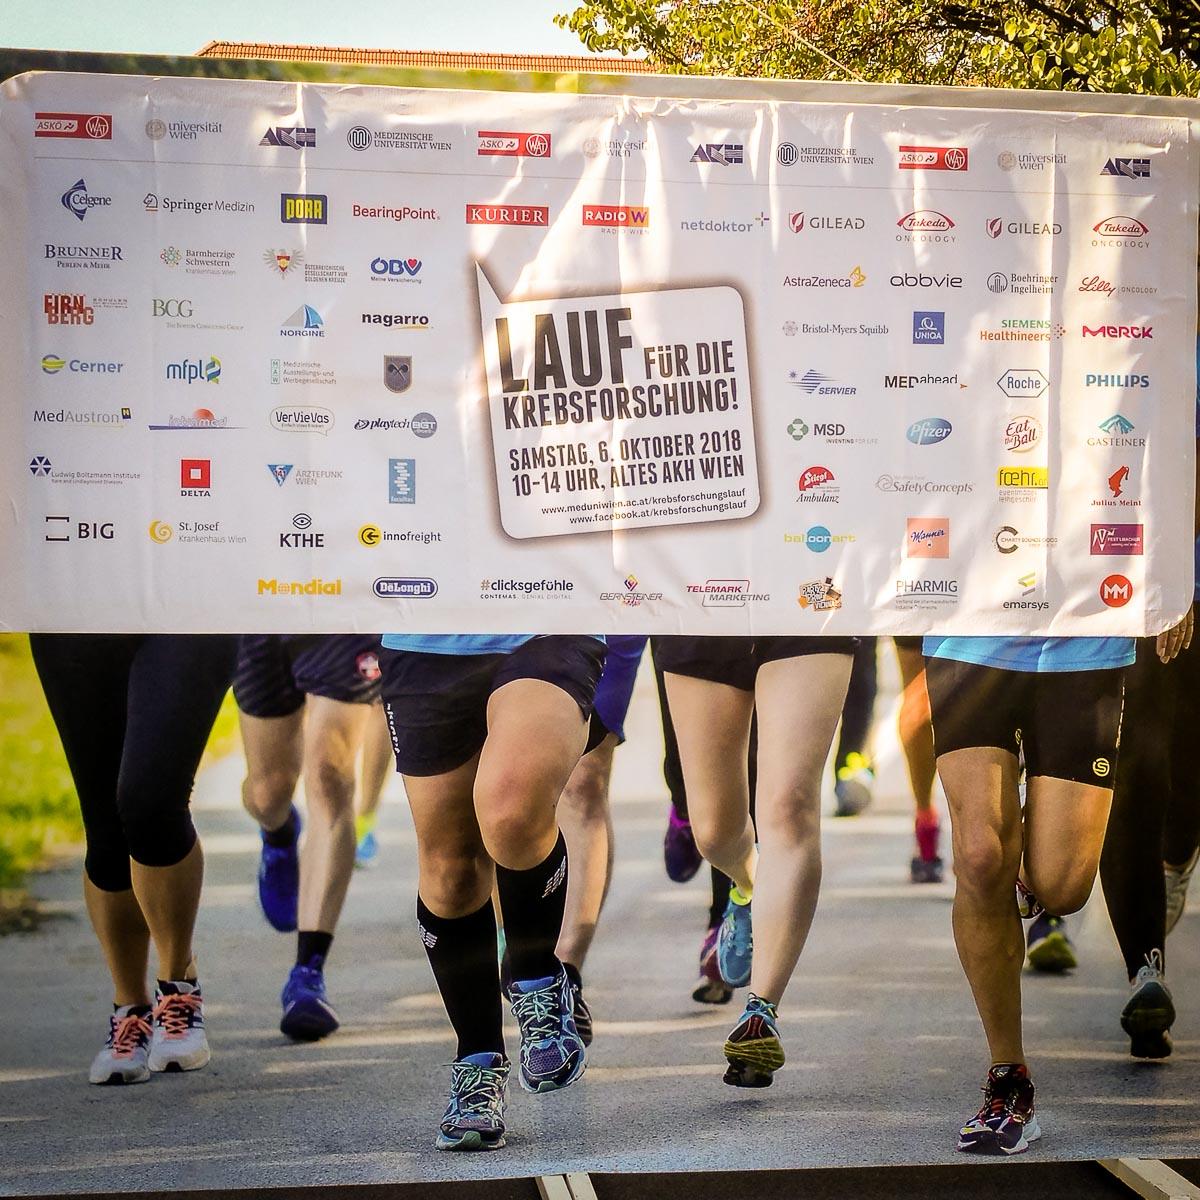 Laufen für die Krebsforschung